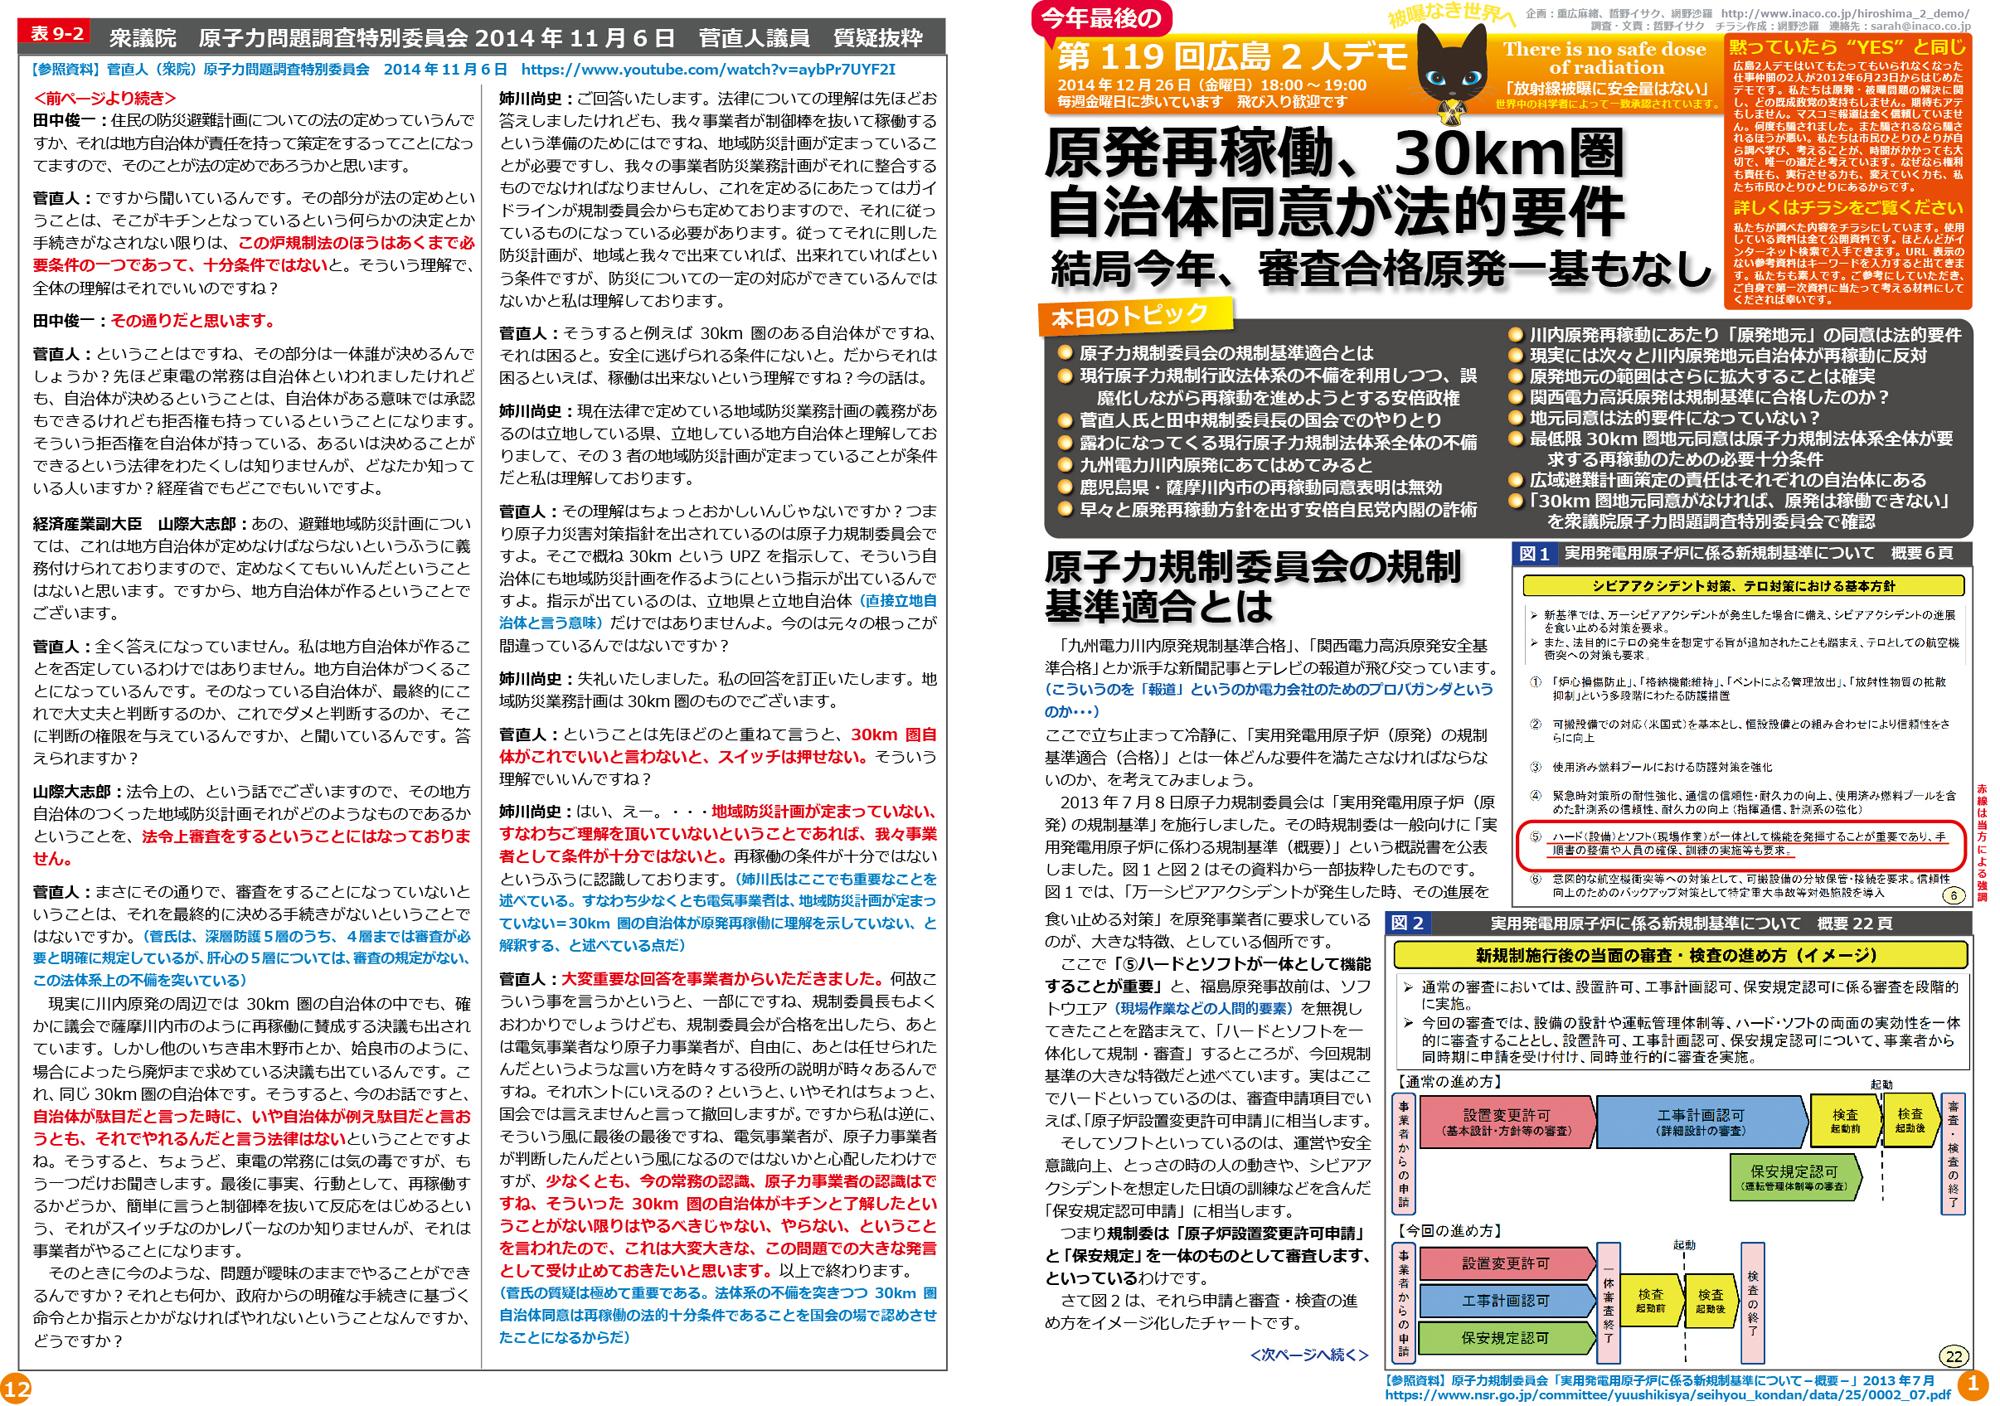 ファイル 377-1.jpg